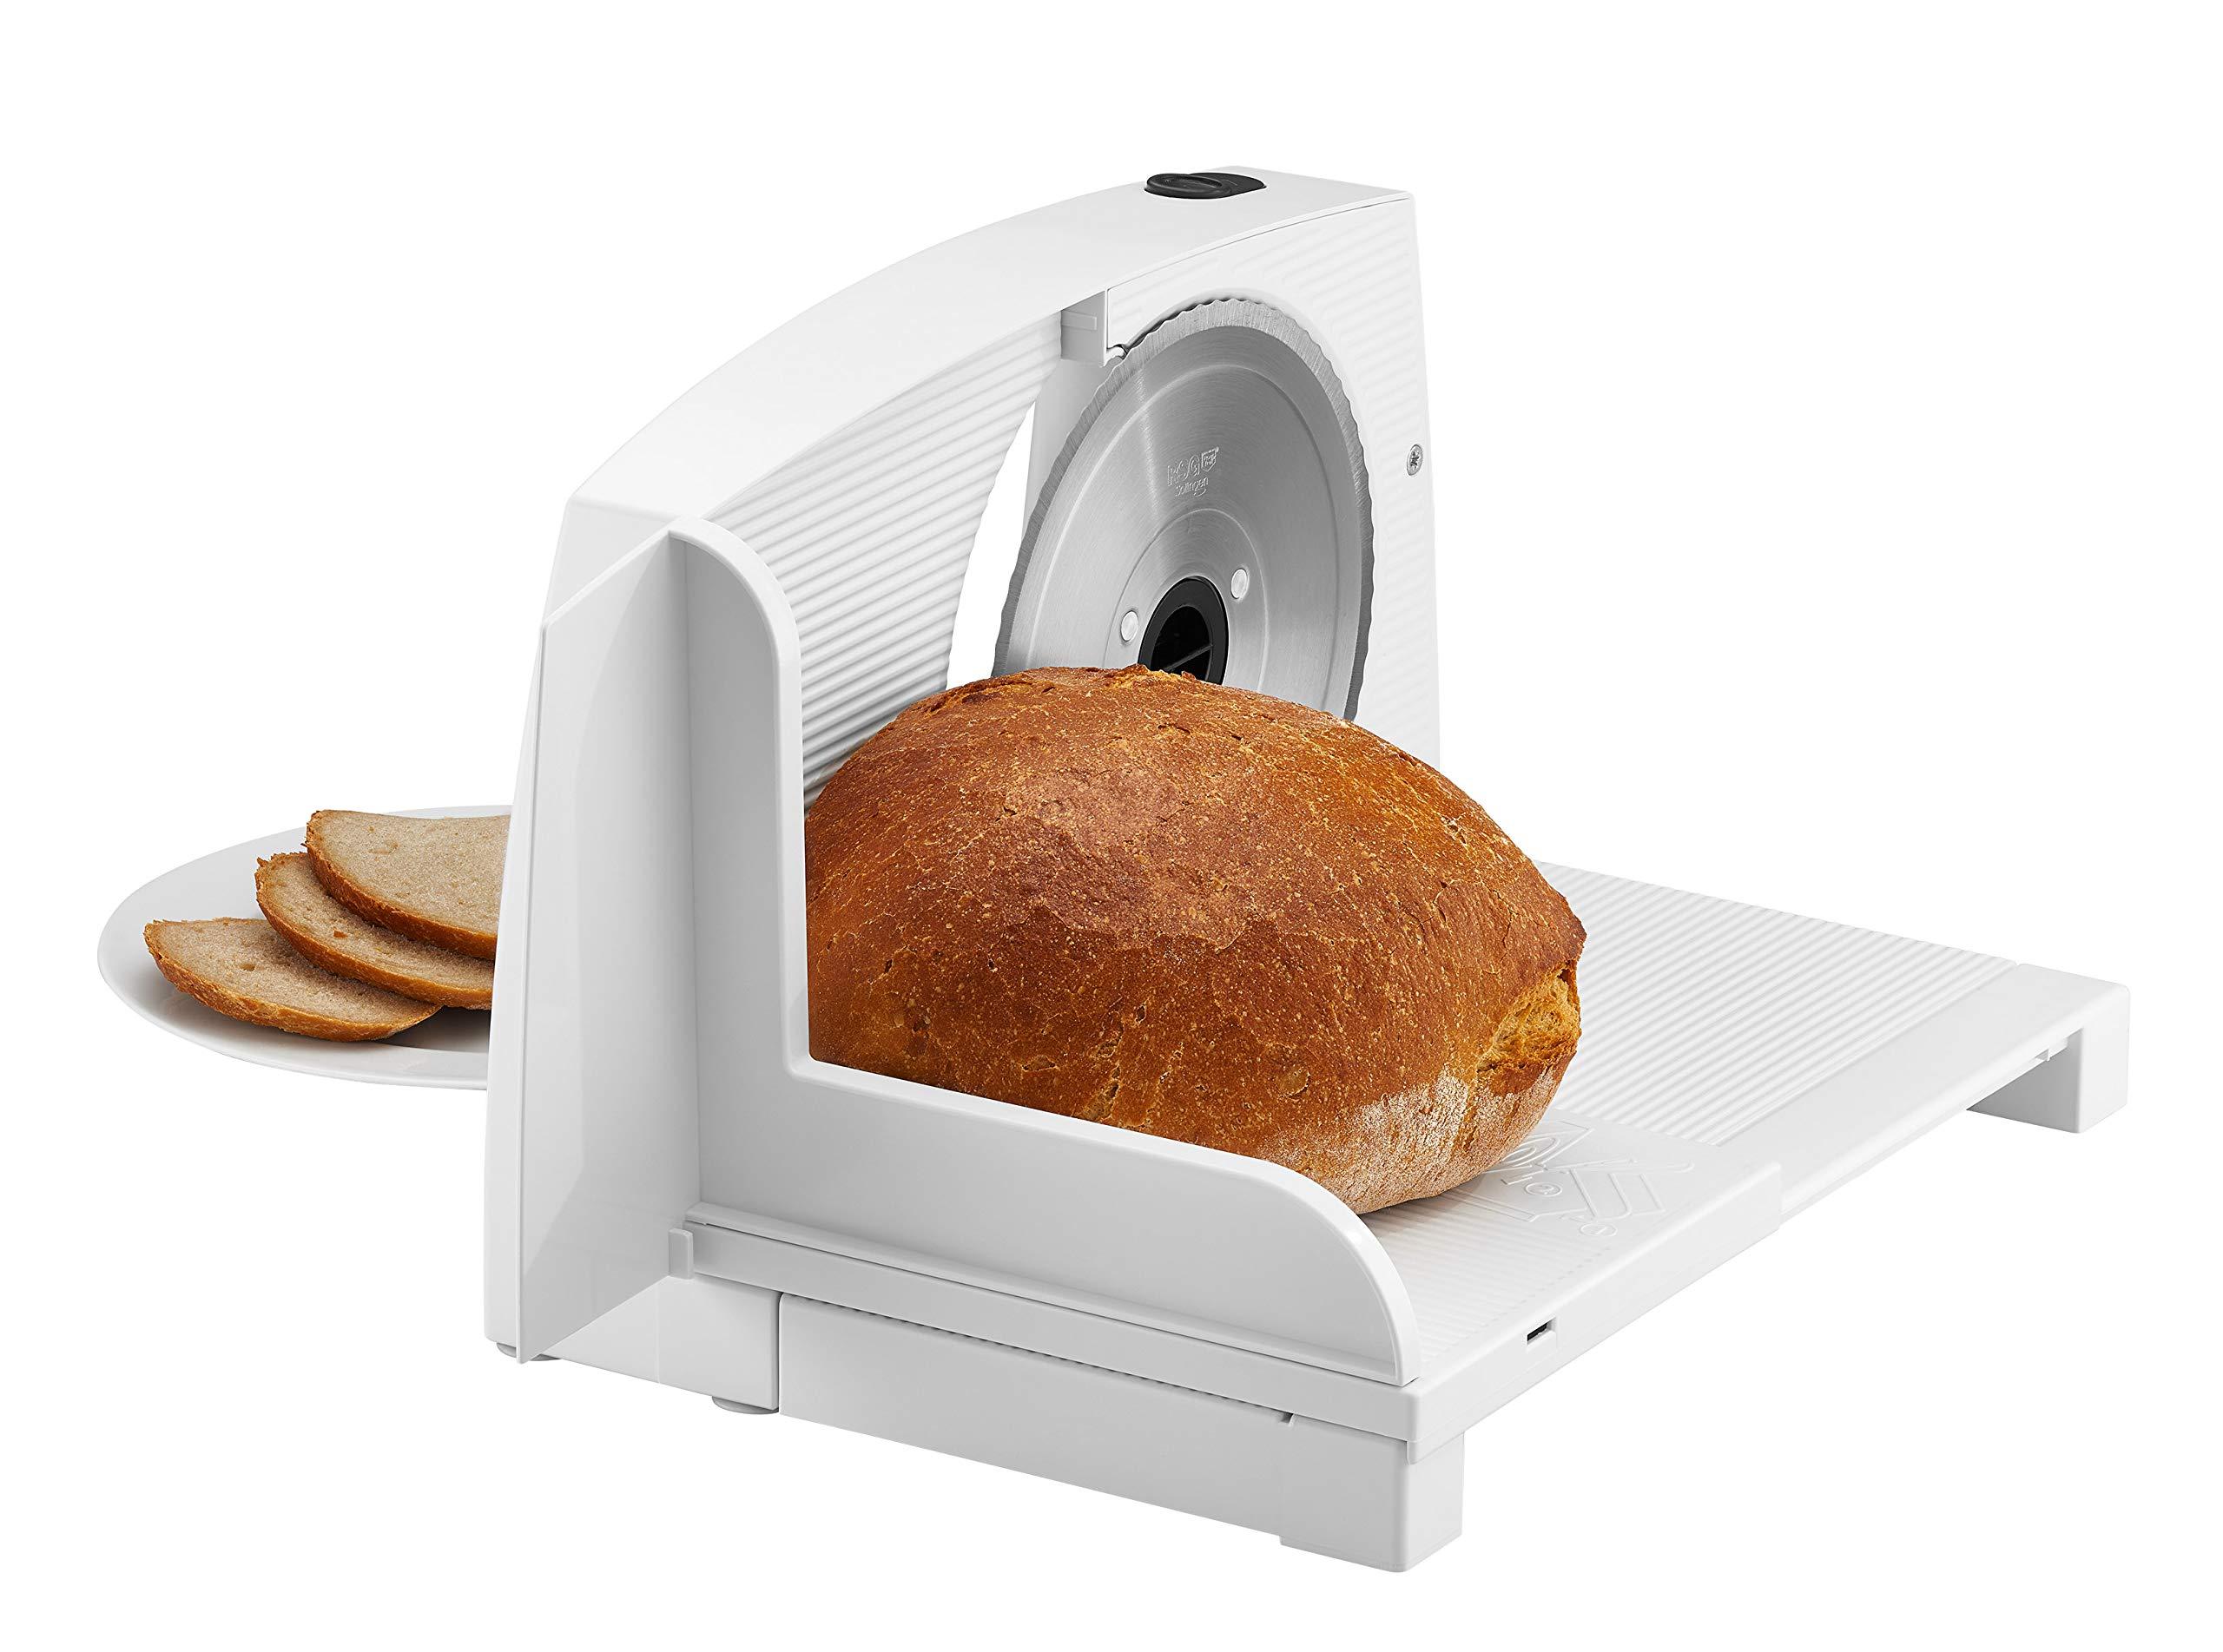 81x6f7w8goL - ritter 501.000 Markant 01 Food Slicer